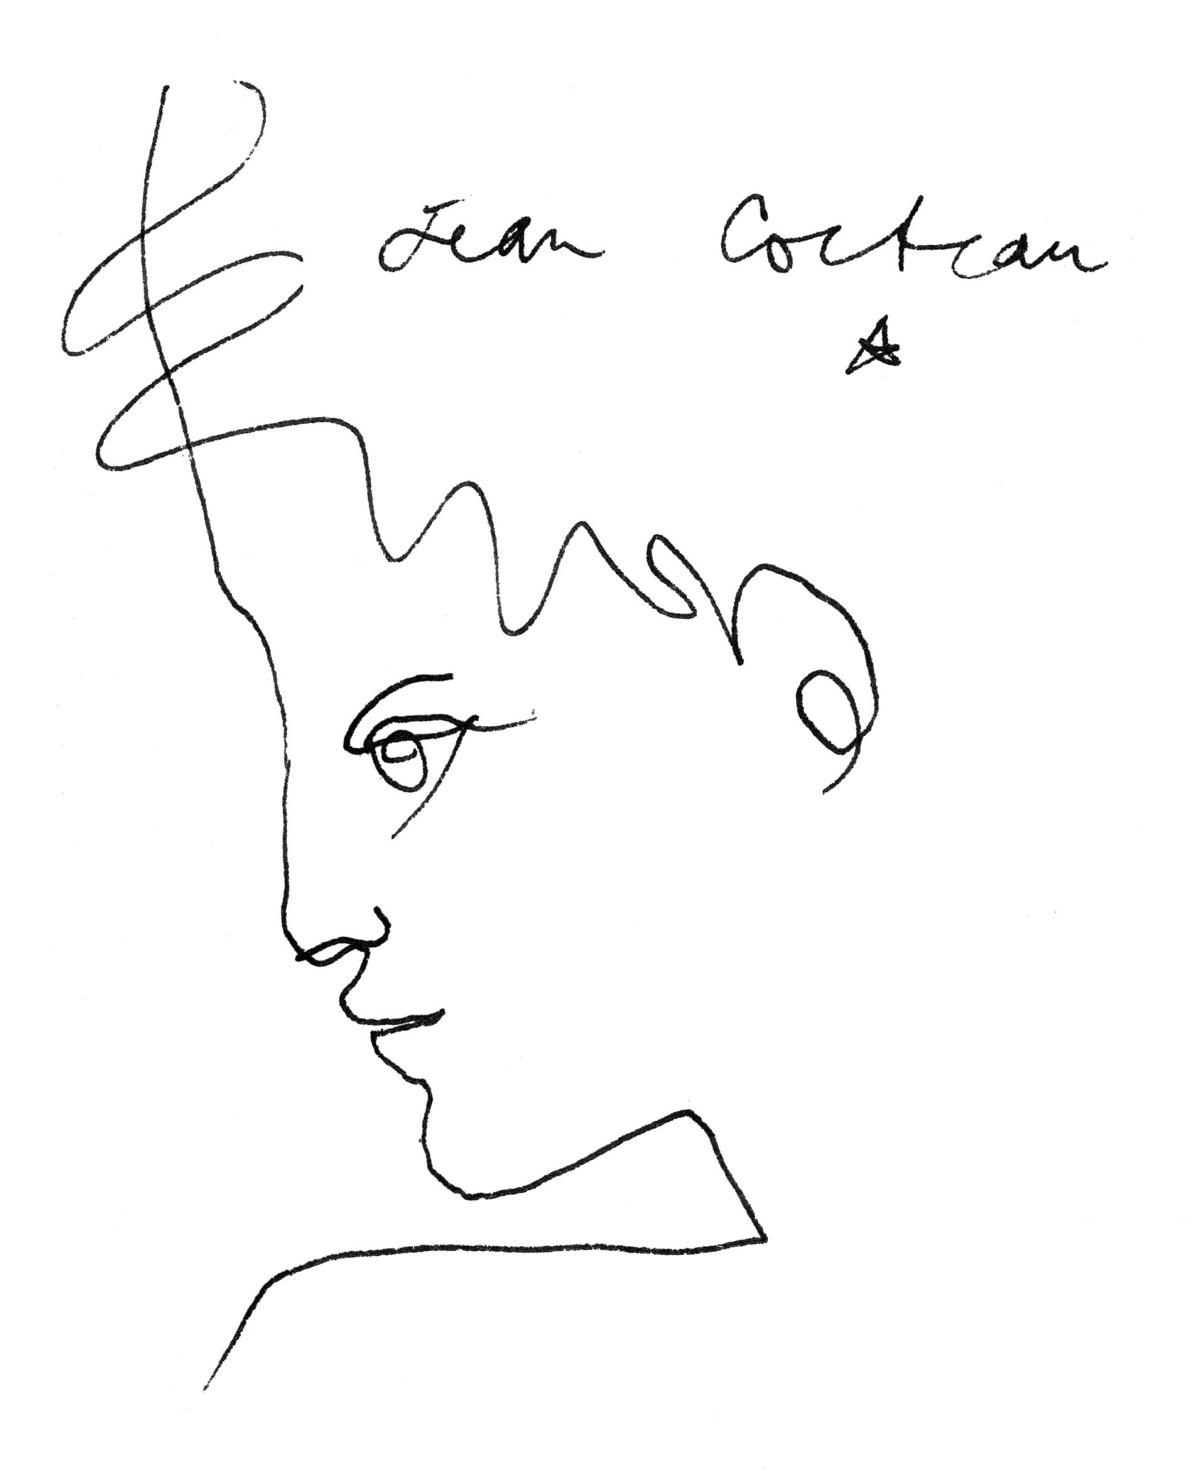 jean cocteau drawings.jpg